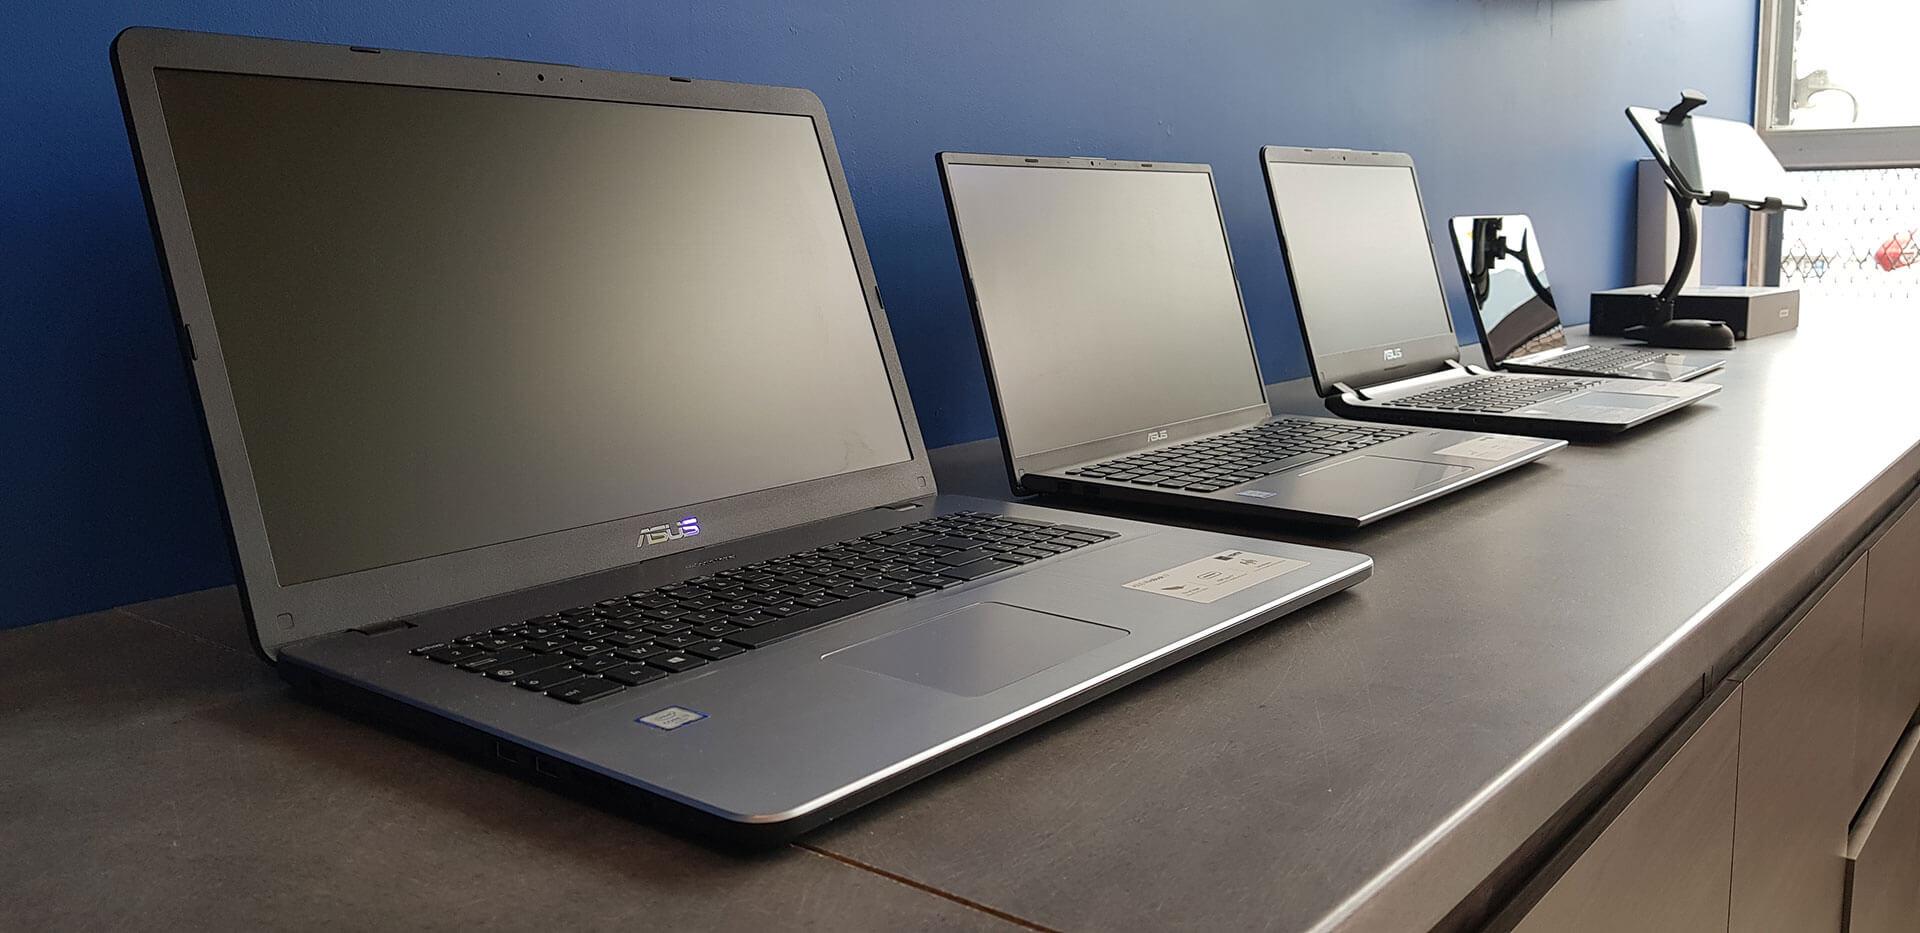 Vente de matériel et dépannage informatique